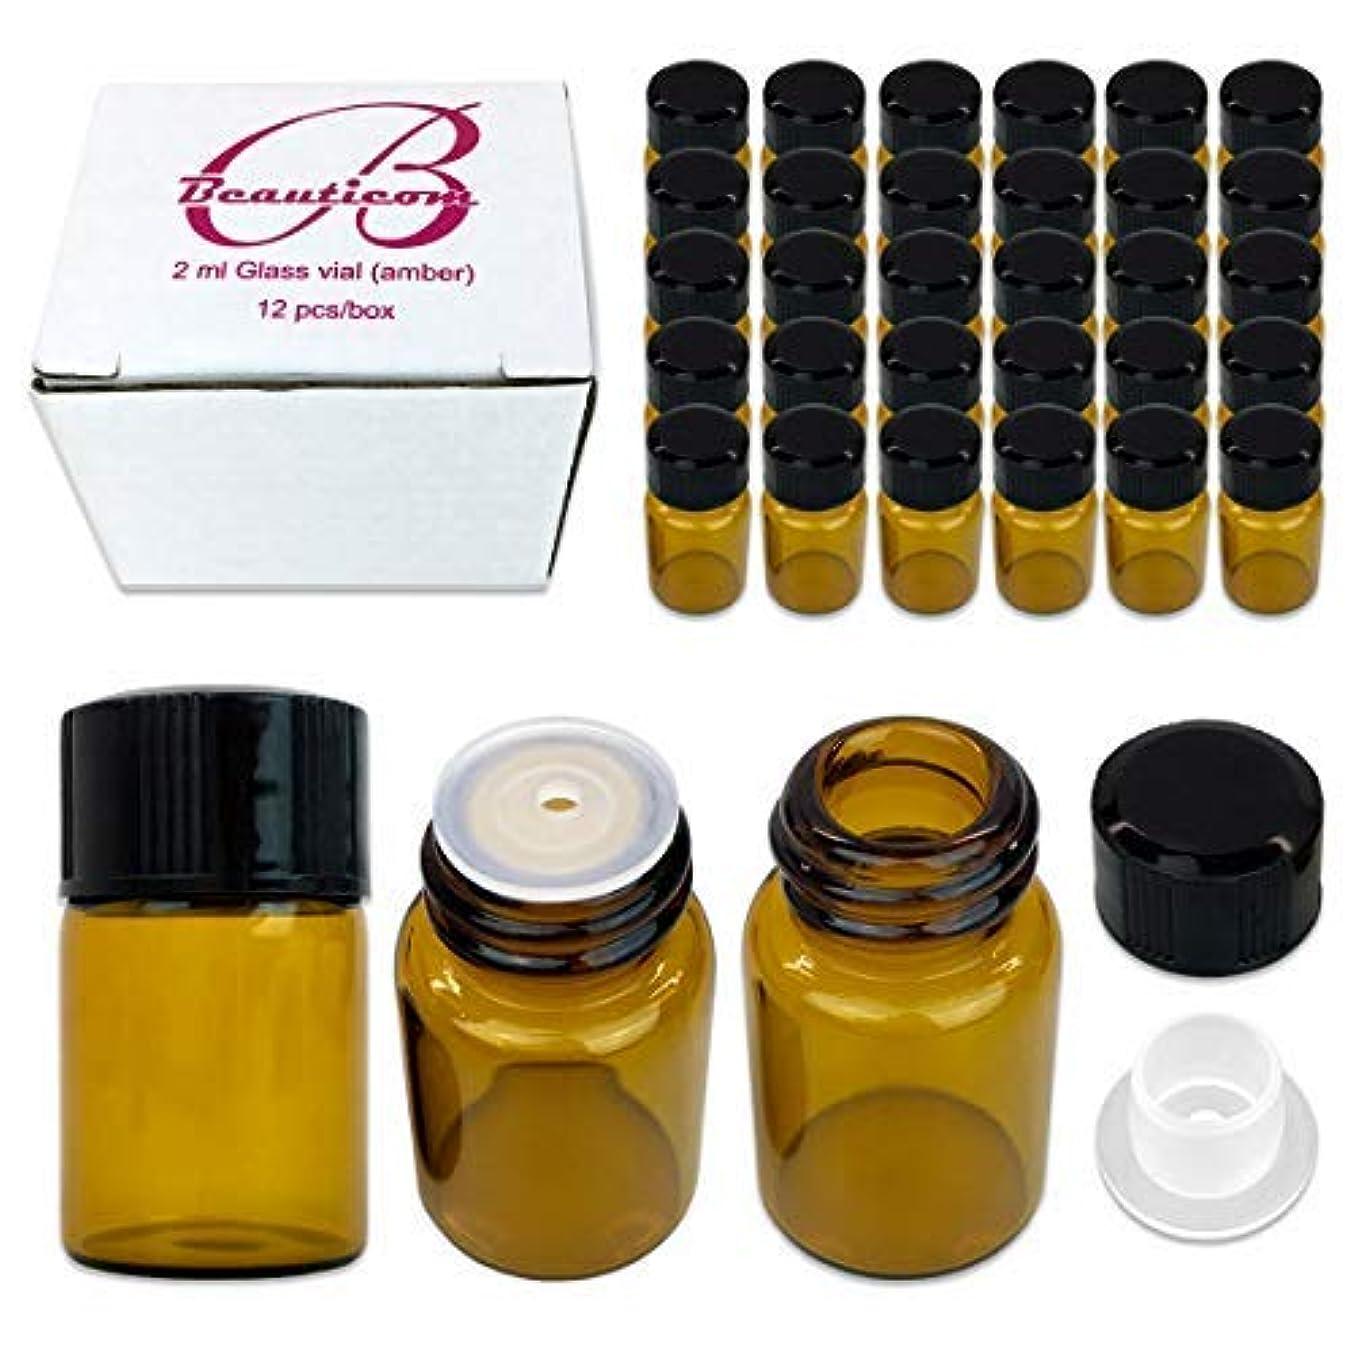 可聴懺悔従順な48 Packs Beauticom 2ML Amber Glass Vial for Essential Oils, Aromatherapy, Fragrance, Serums, Spritzes, with Orifice...